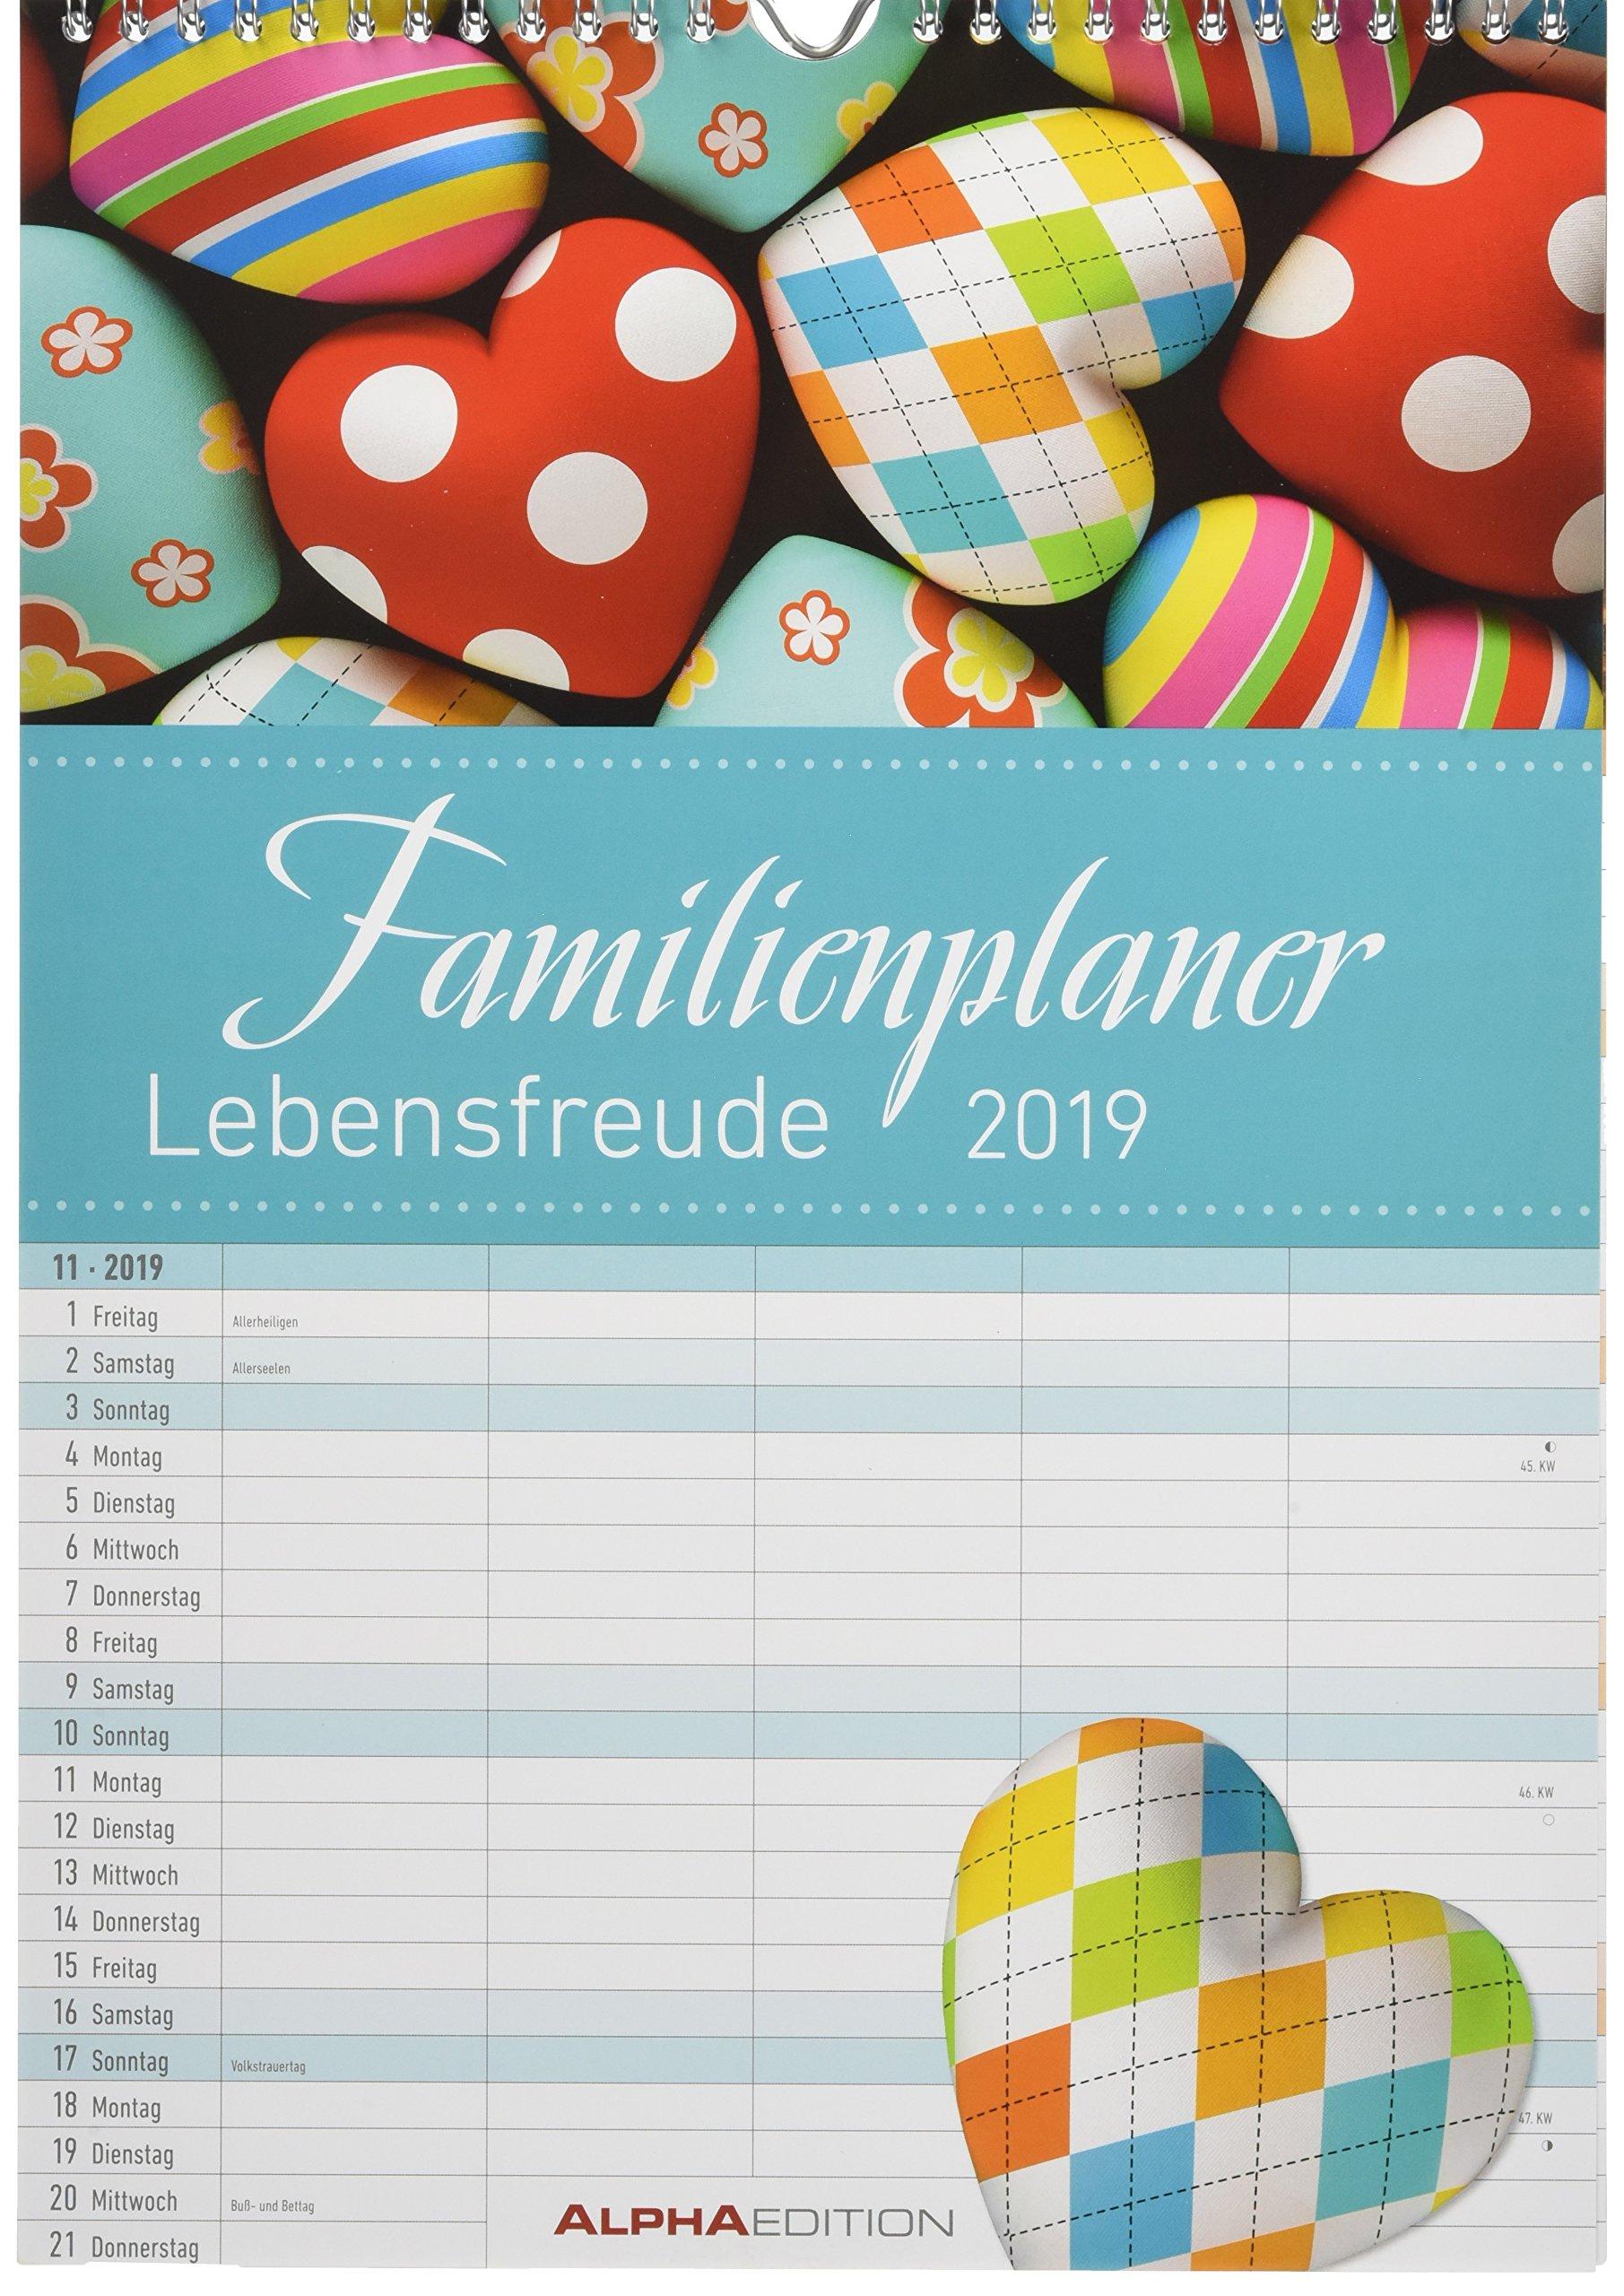 Familienplaner Lebensfreude 2019 - Bildkalender